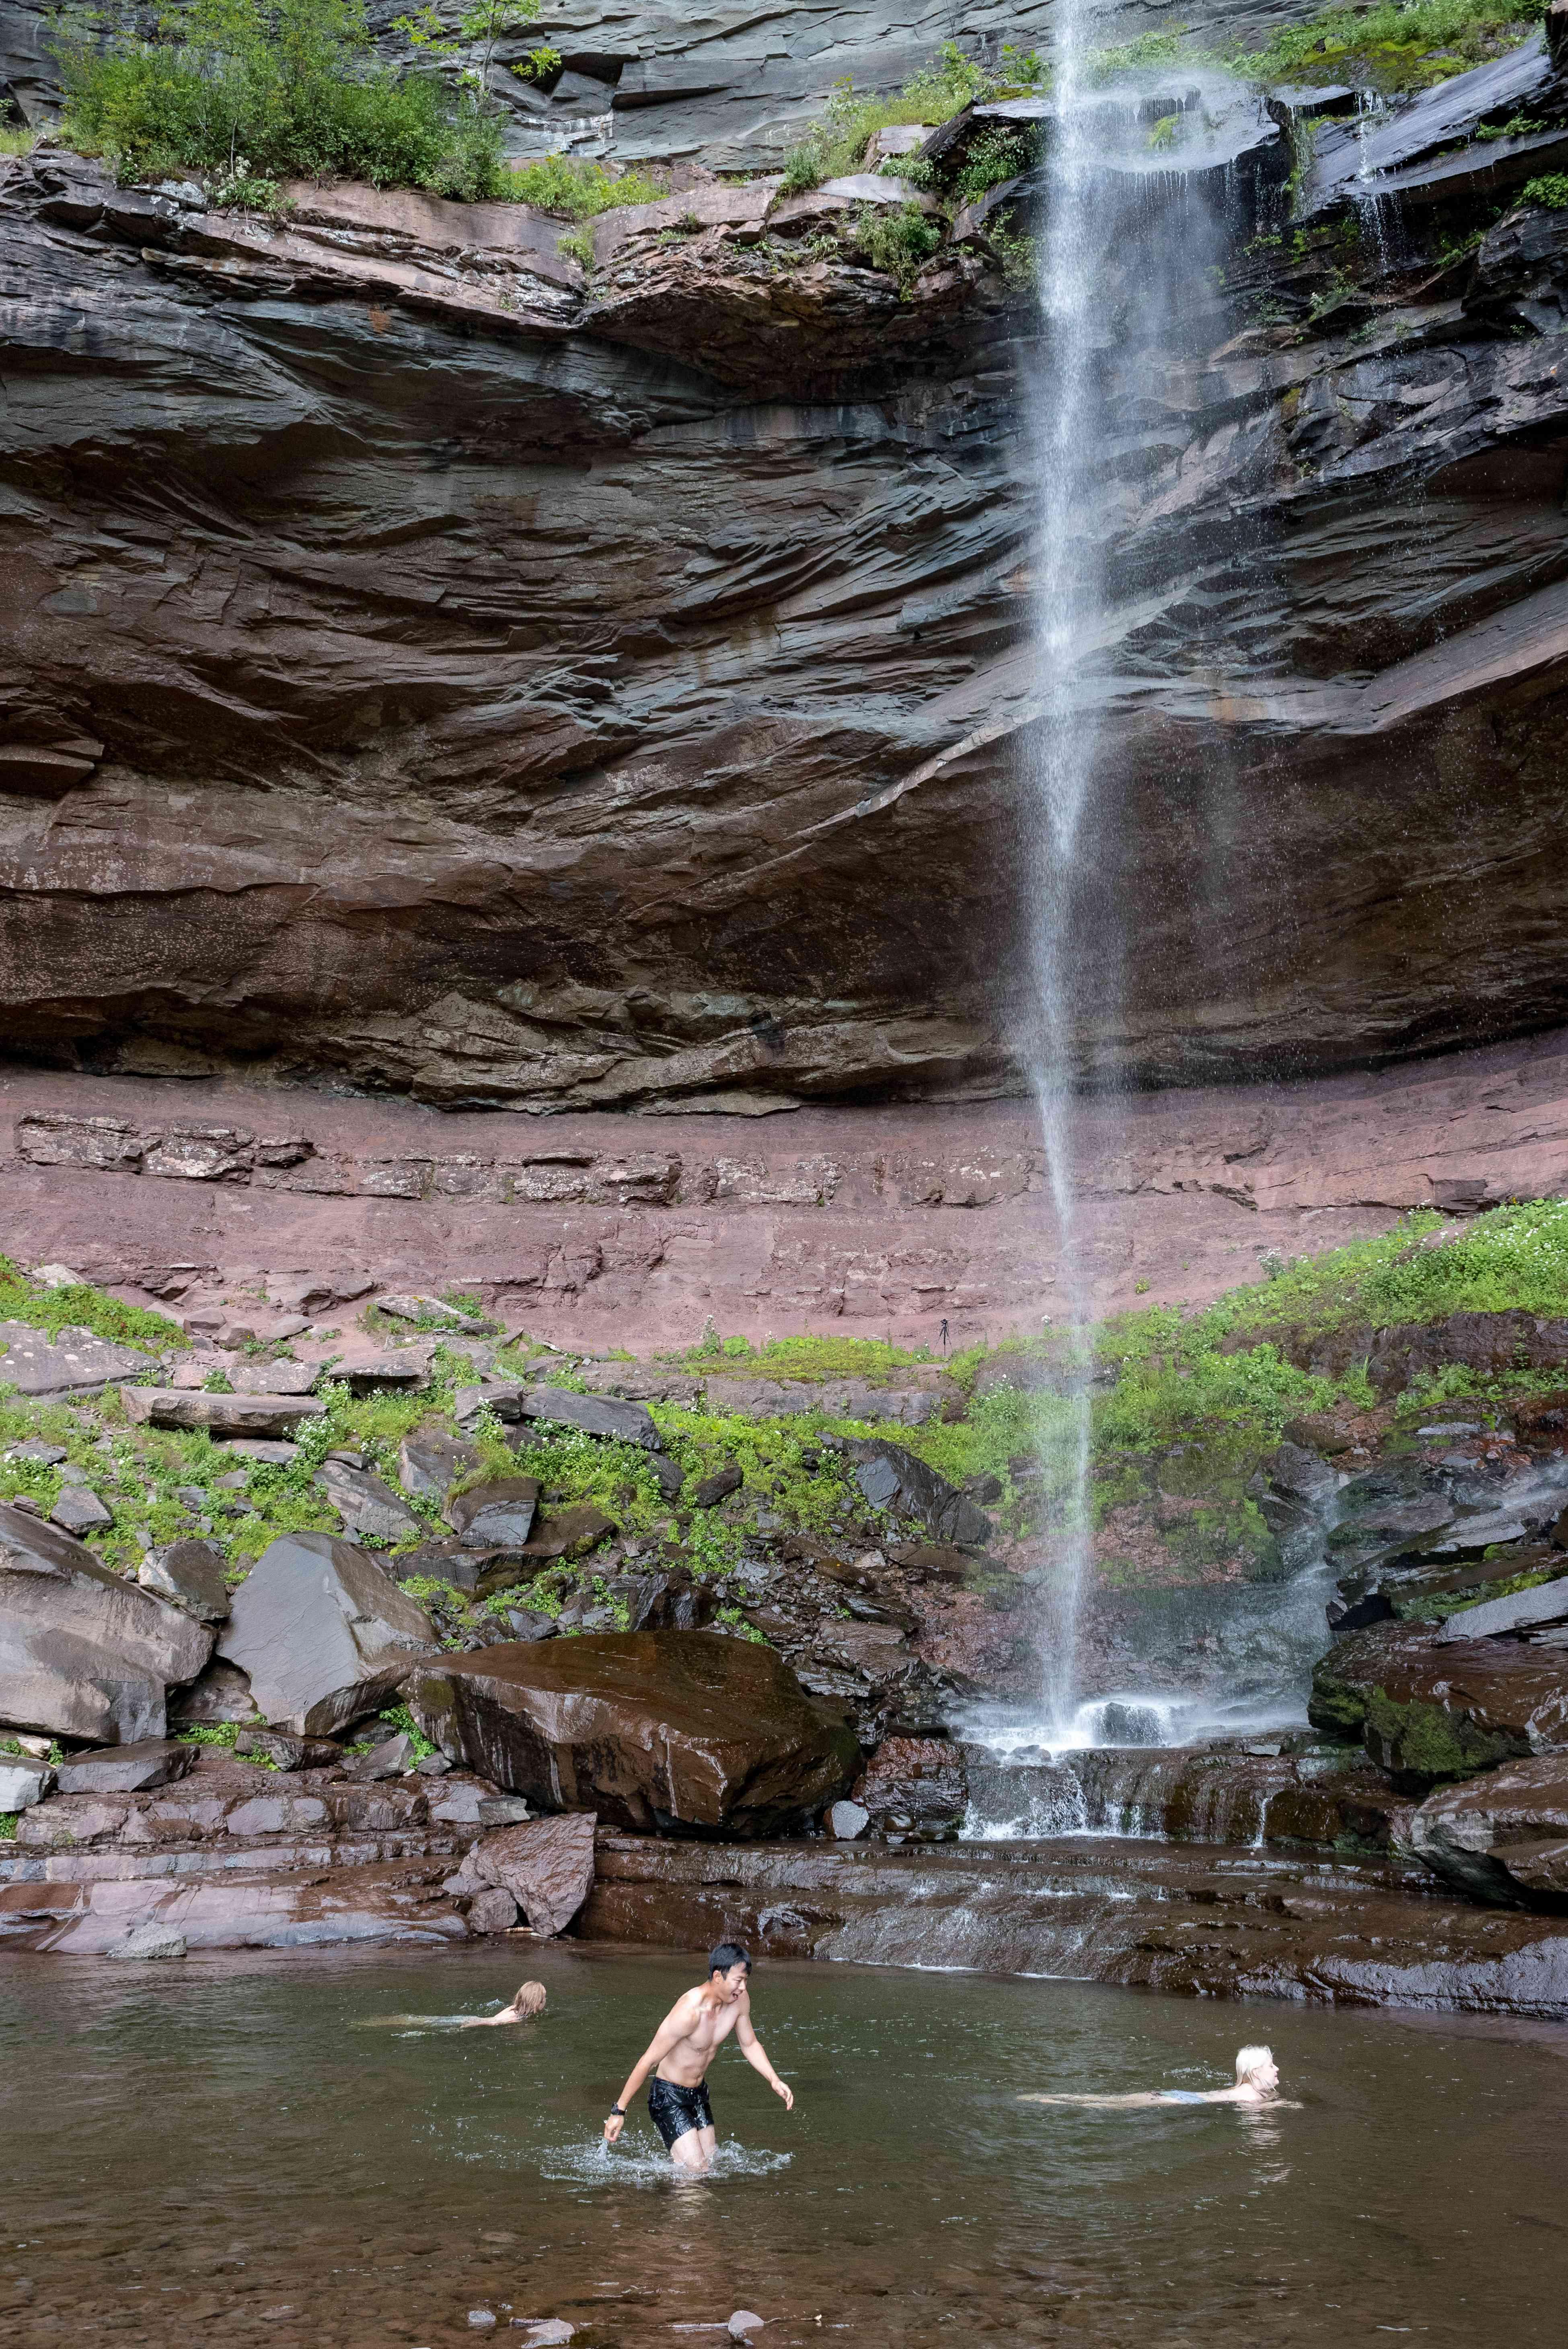 A man swimming under Kaaterskill Falls